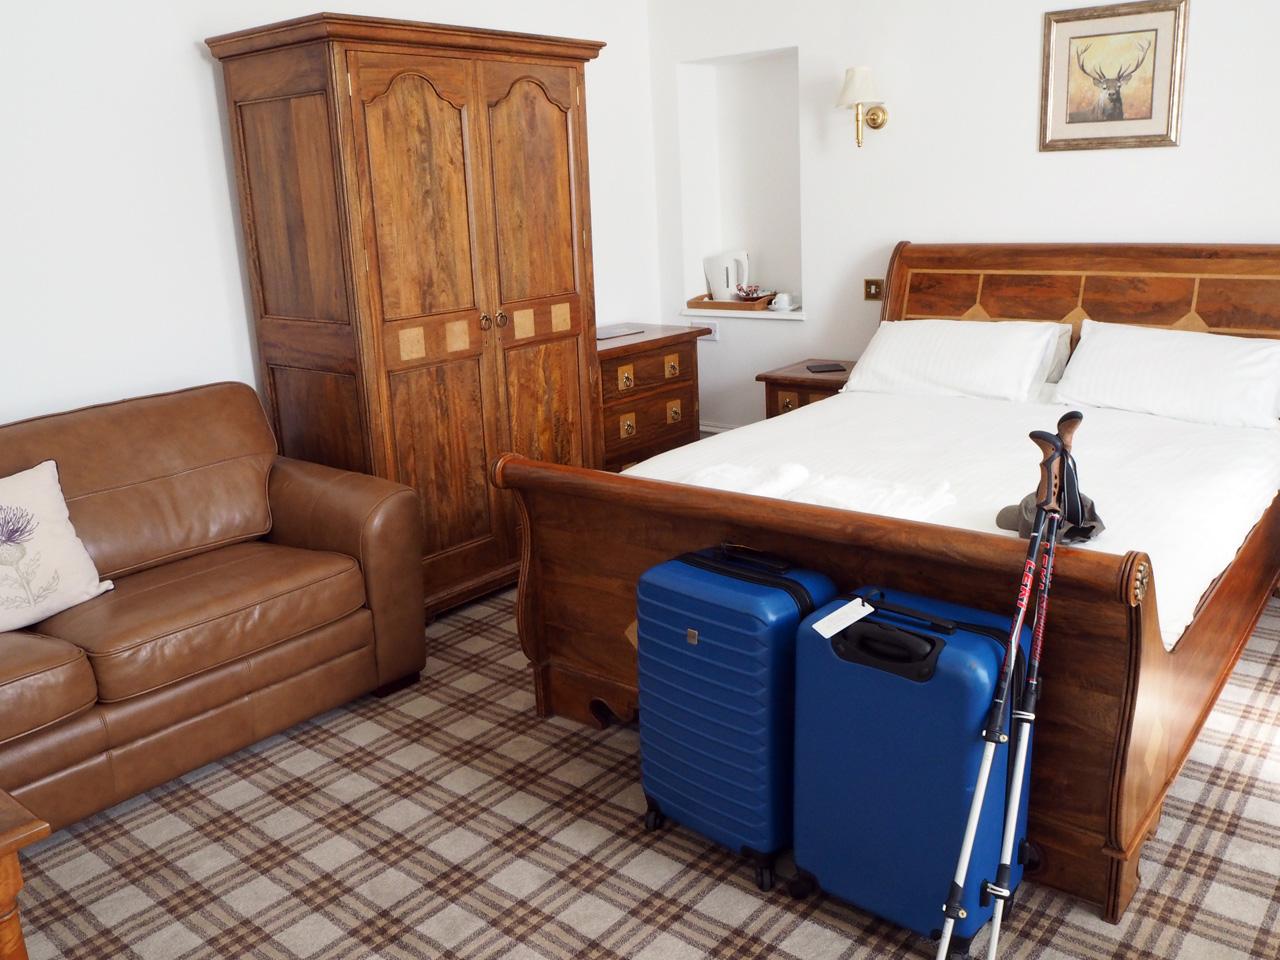 speciale kamer voor de Hollandse gasten...